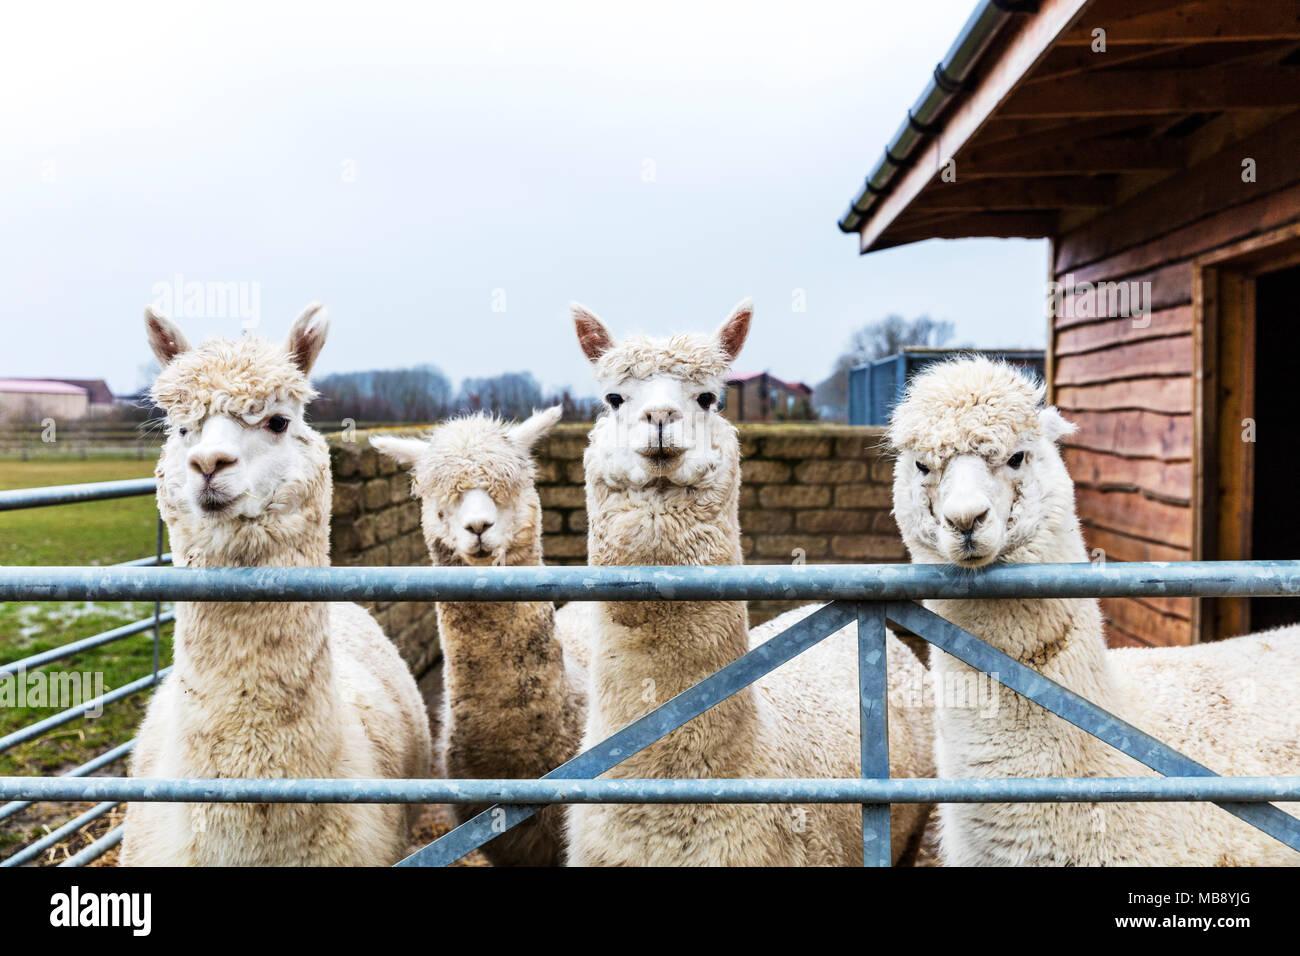 alpaca farm, Alpacas, Vicugna pacos, domesticated species of South American camelid, Alpaca, alpacas looking over fence, cute alpacas, cute animals, - Stock Image